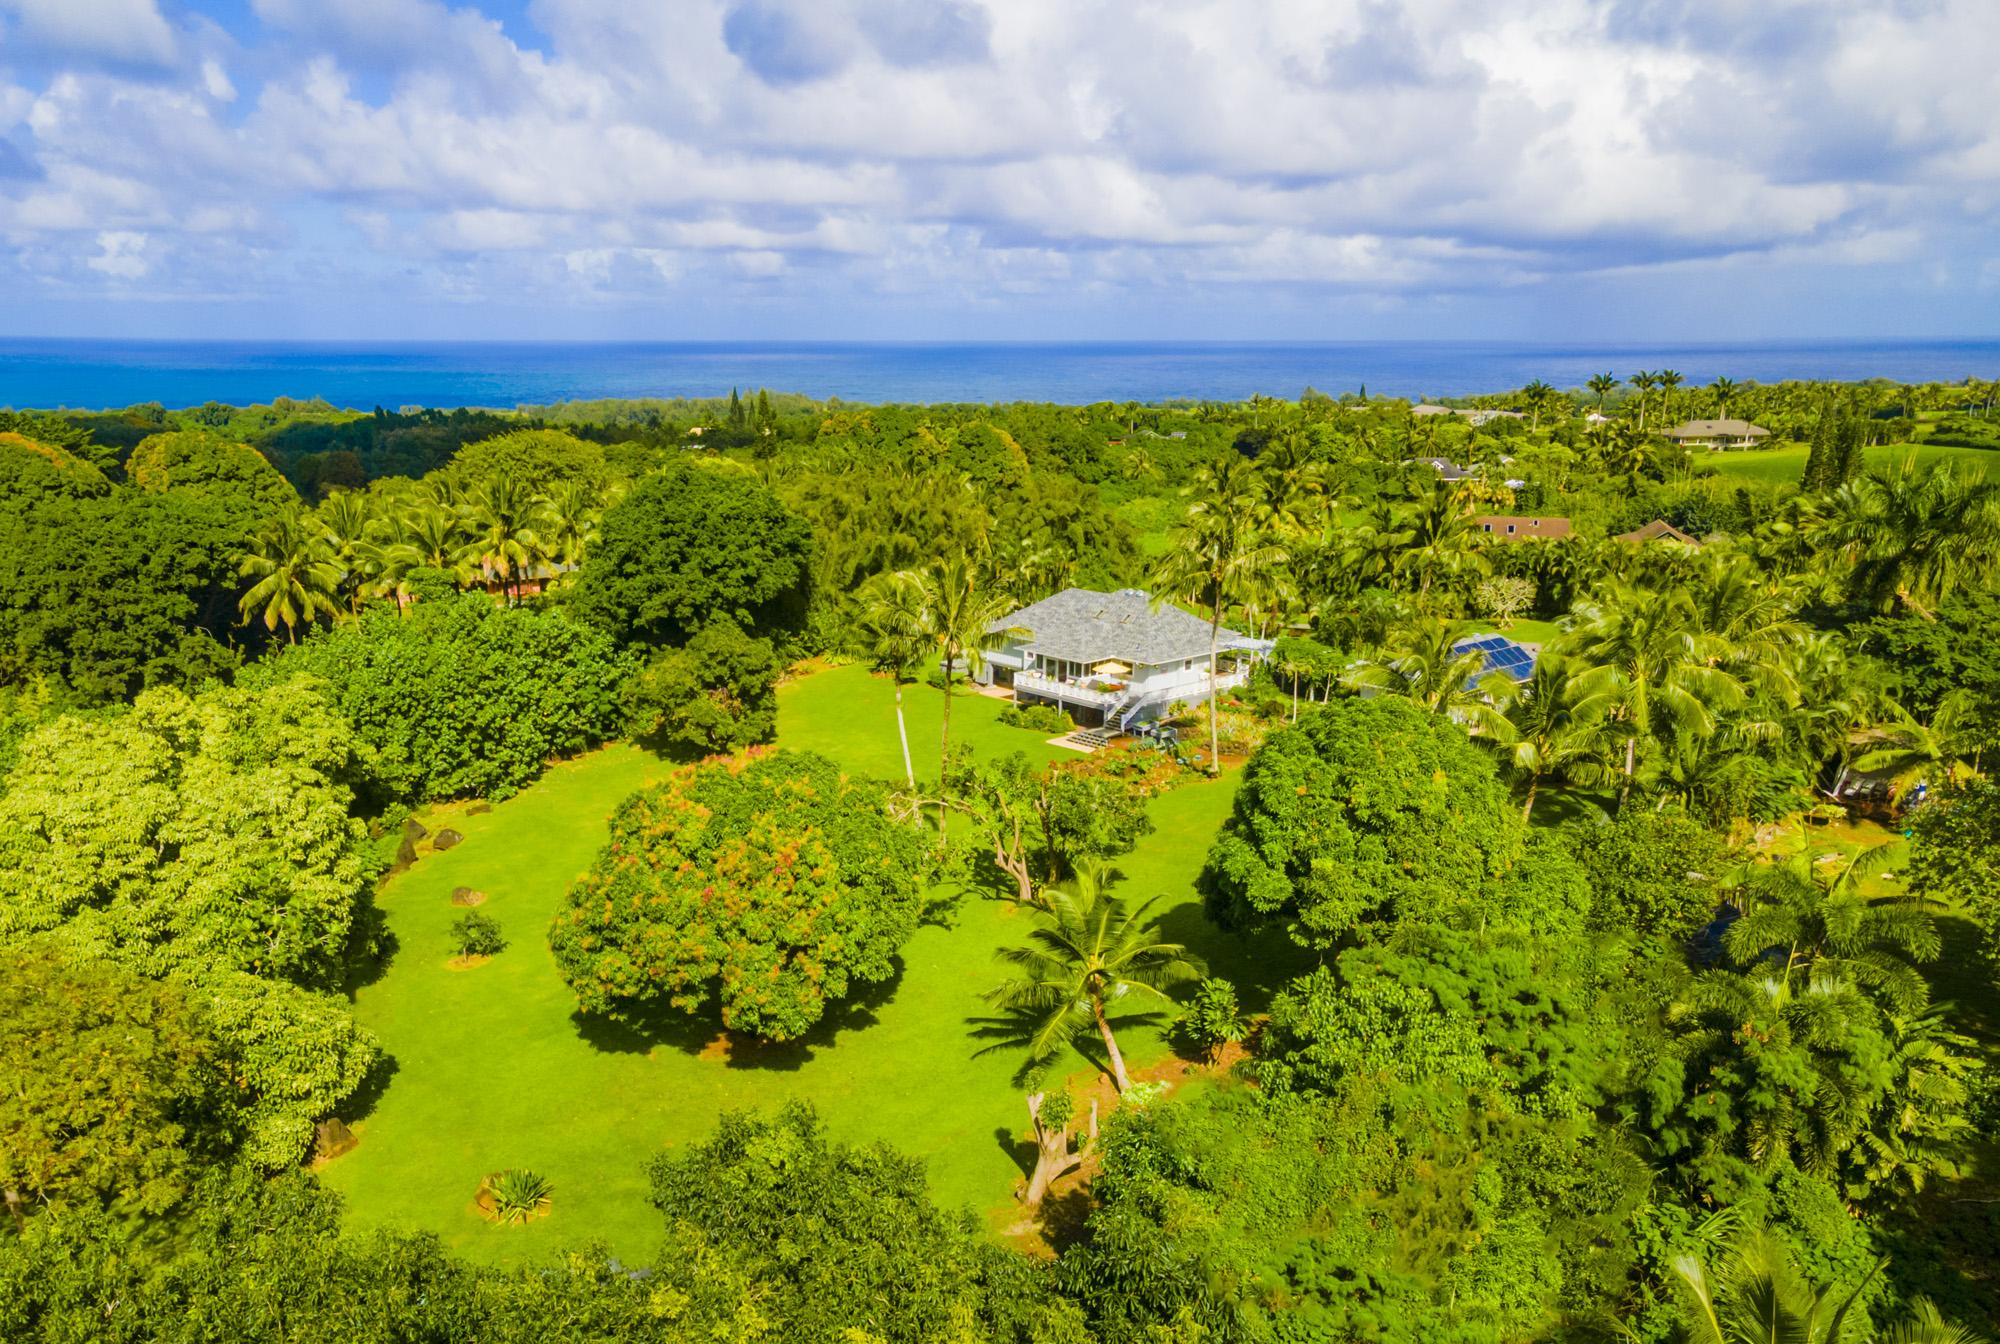 3 acre sanctuary 7475-E Koolau Road D in kauai north shore hawaii